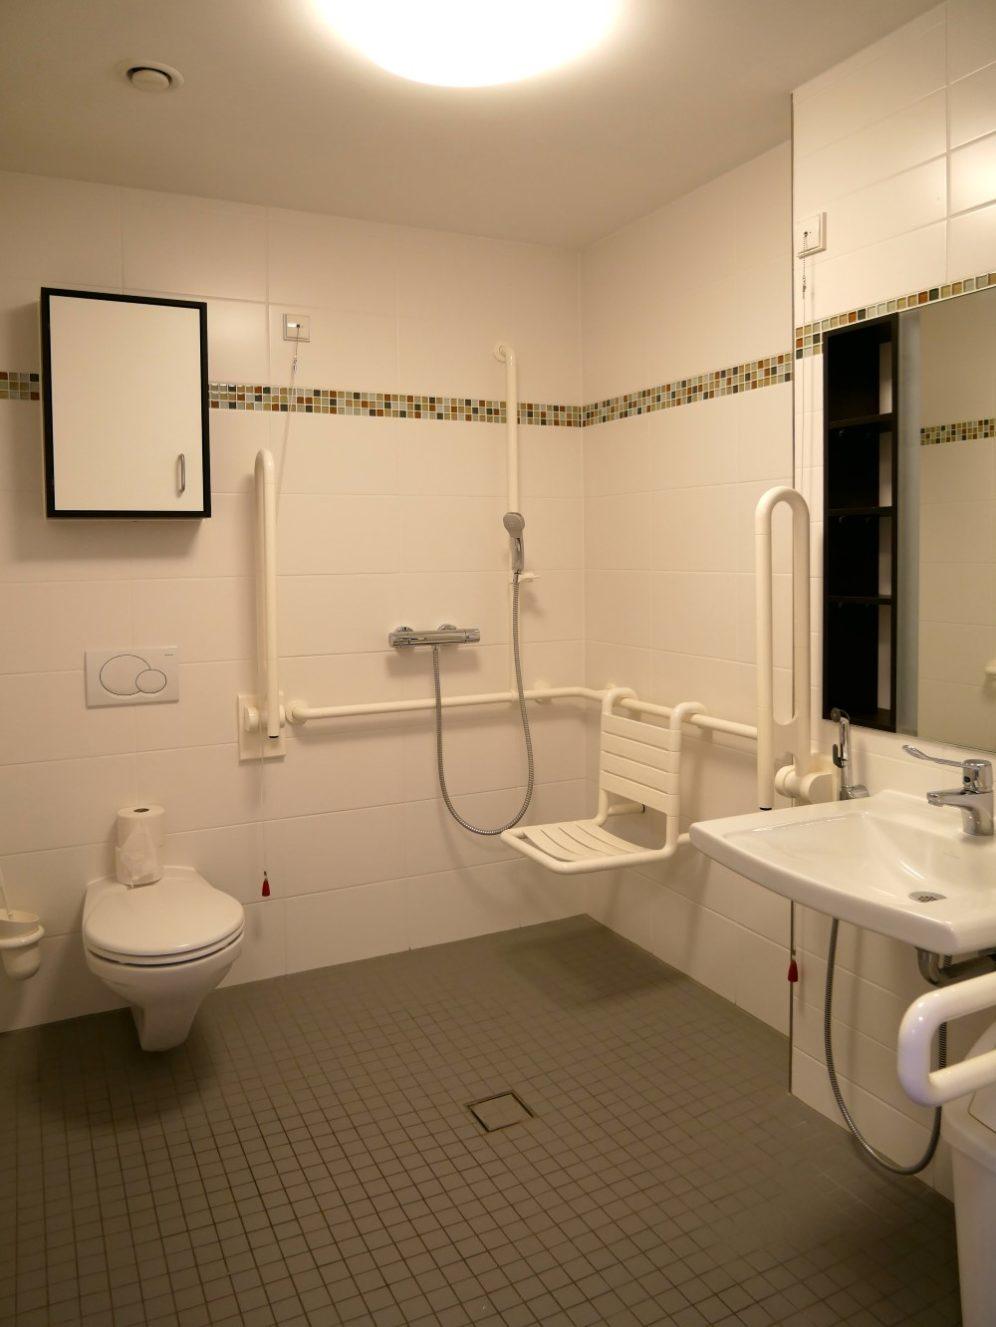 Bad in einem Bewohnerzimmer